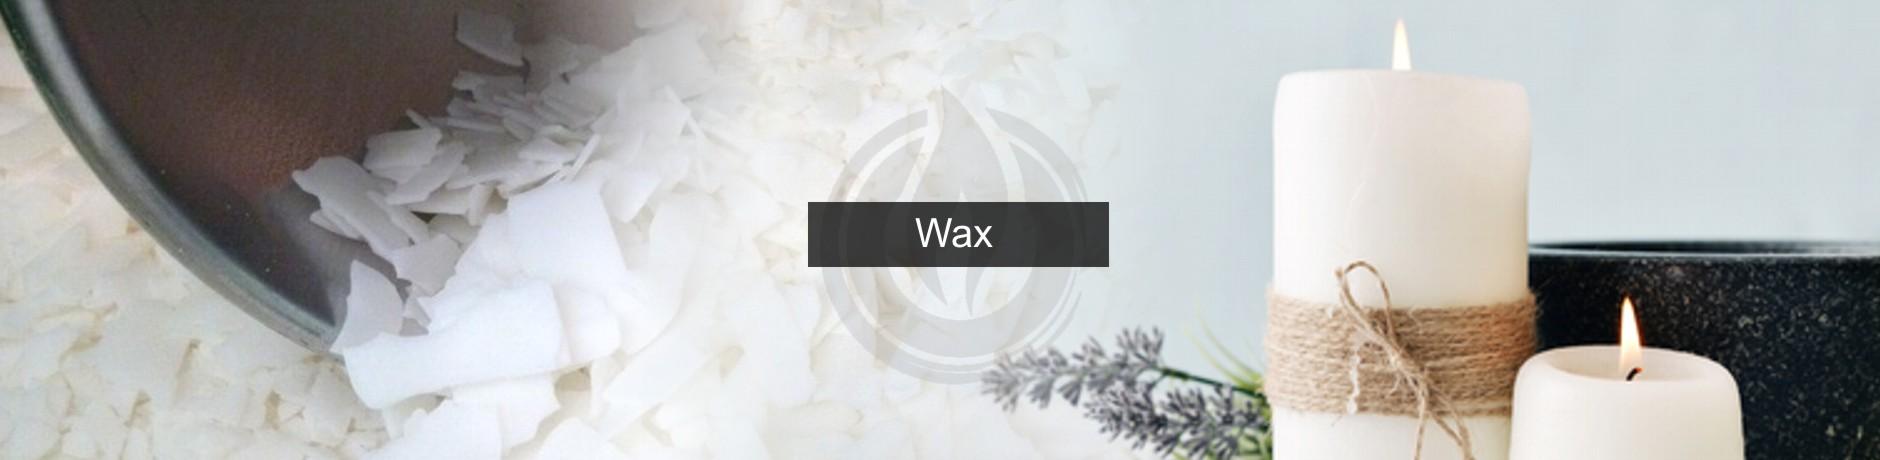 wax-cat-banner.jpg